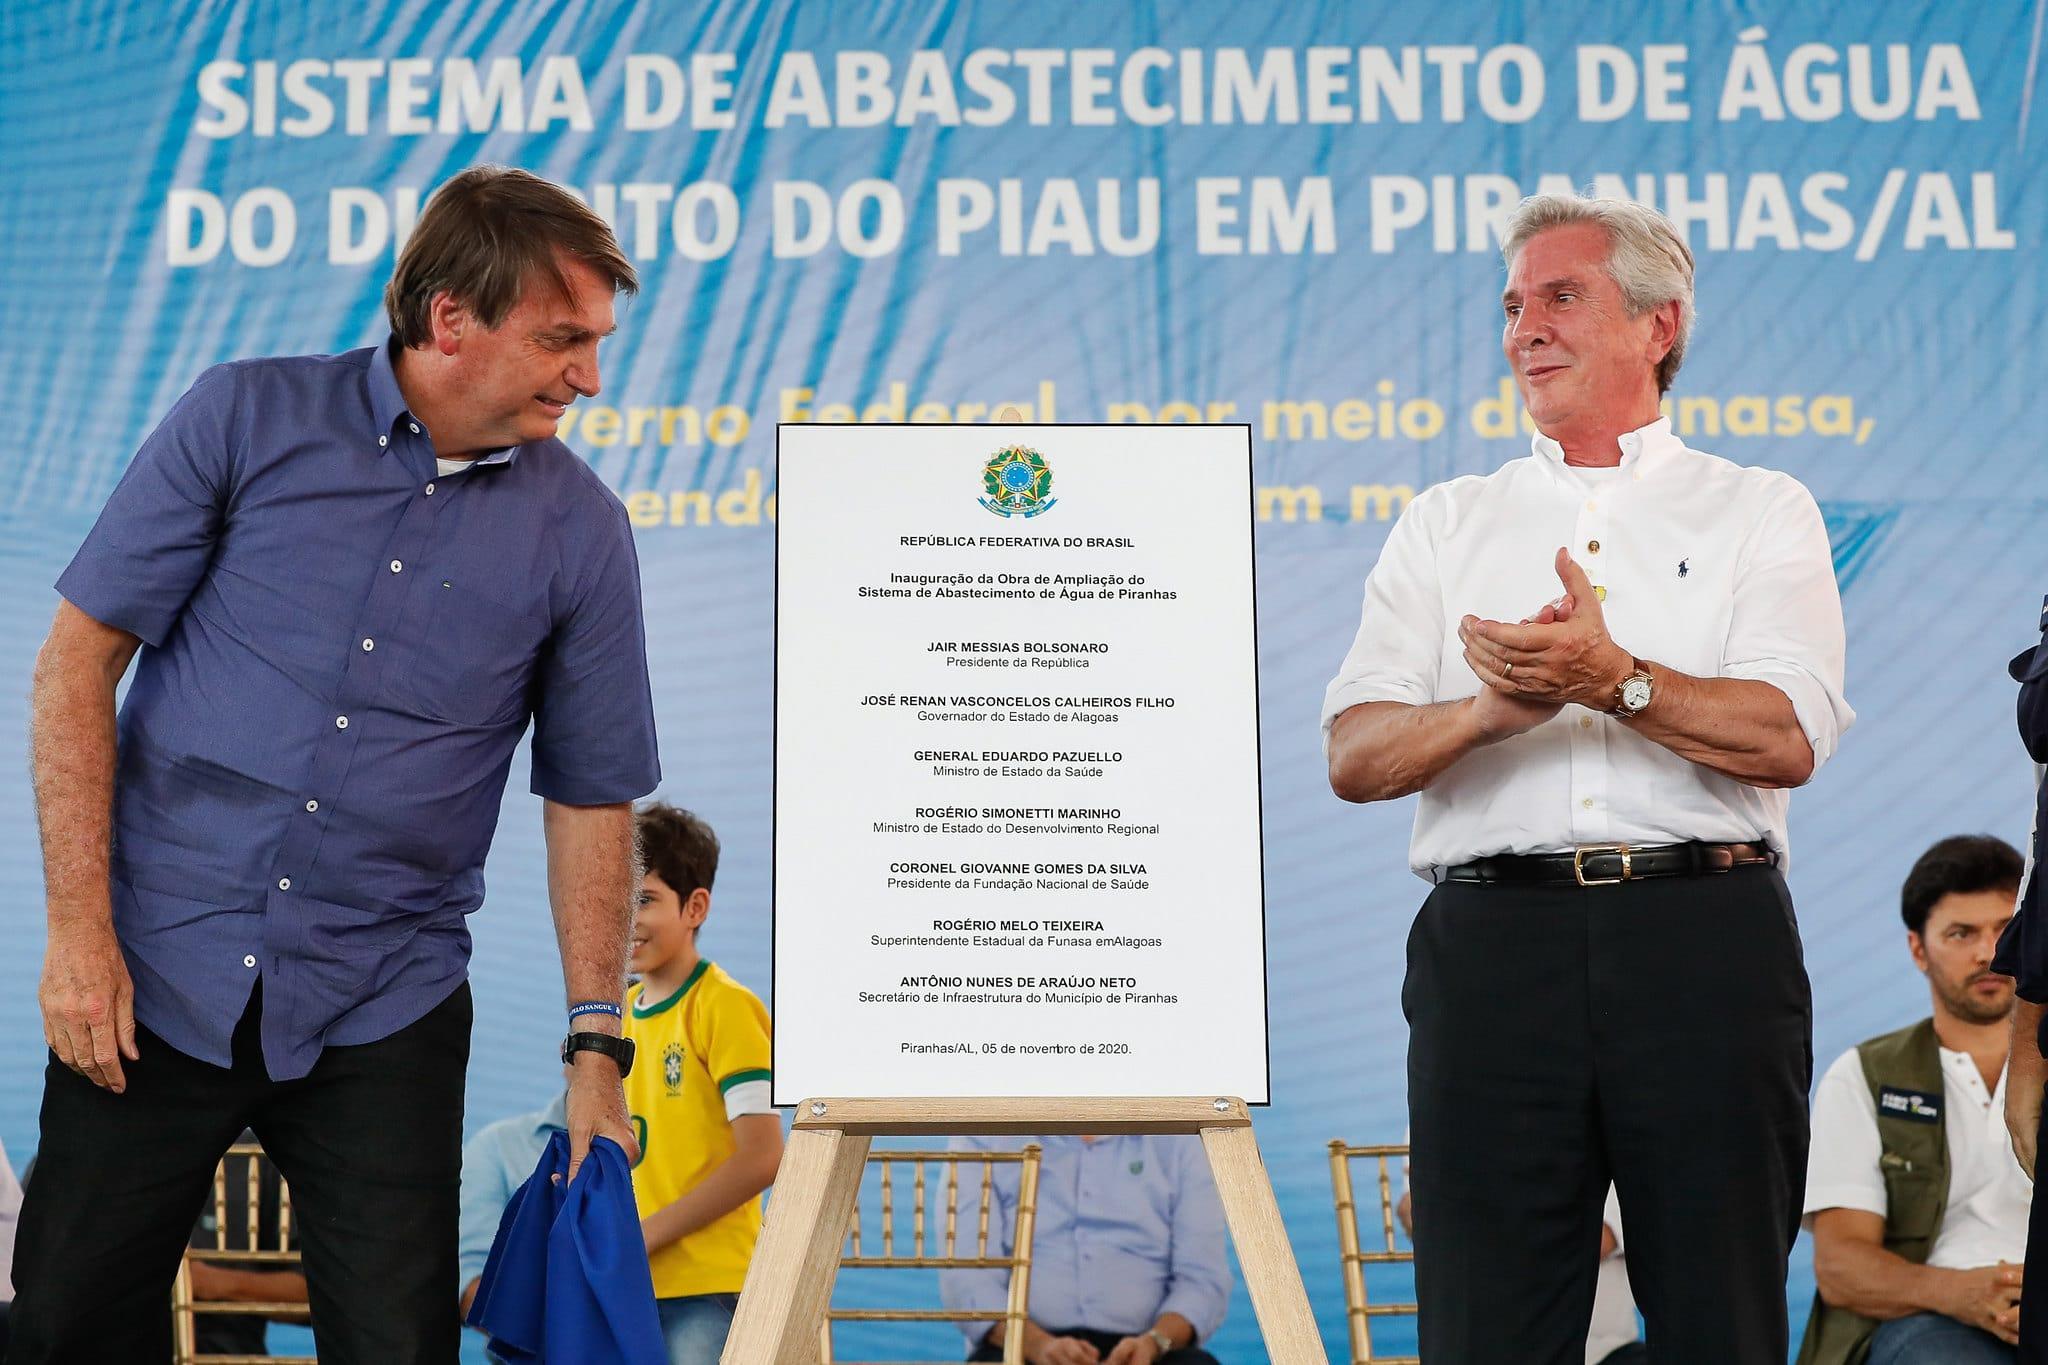 Fernando Collor é um 'homem que luta pelo interesse do Brasil', elogia  Bolsonaro